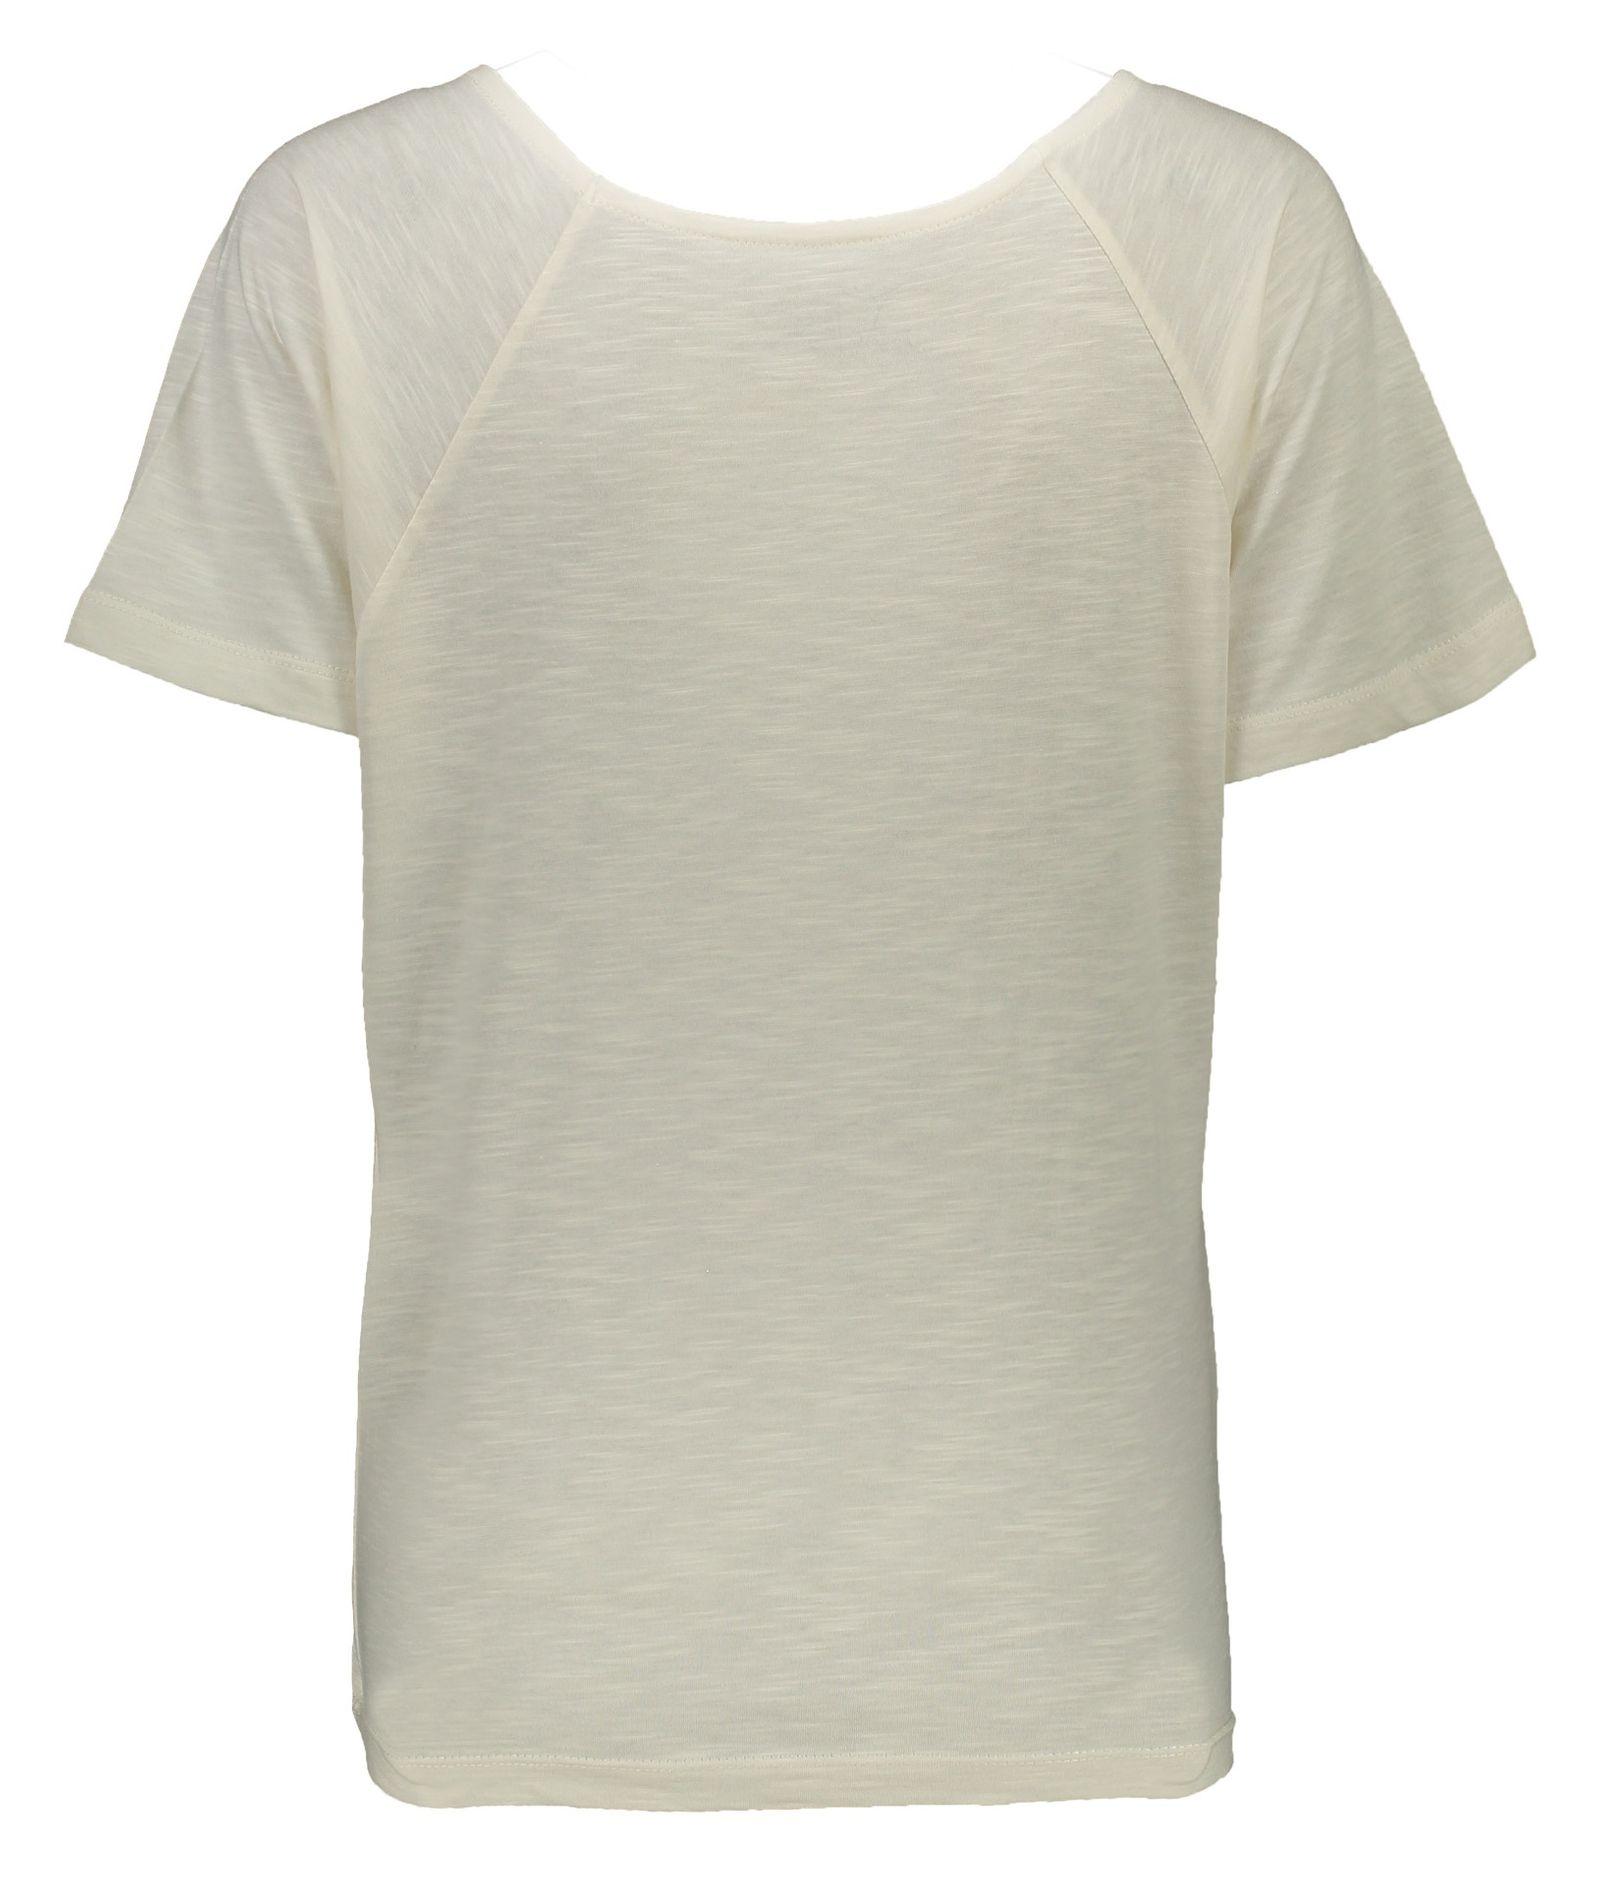 تی شرت زنانه گارودی مدل 1003104023-91 -  - 3